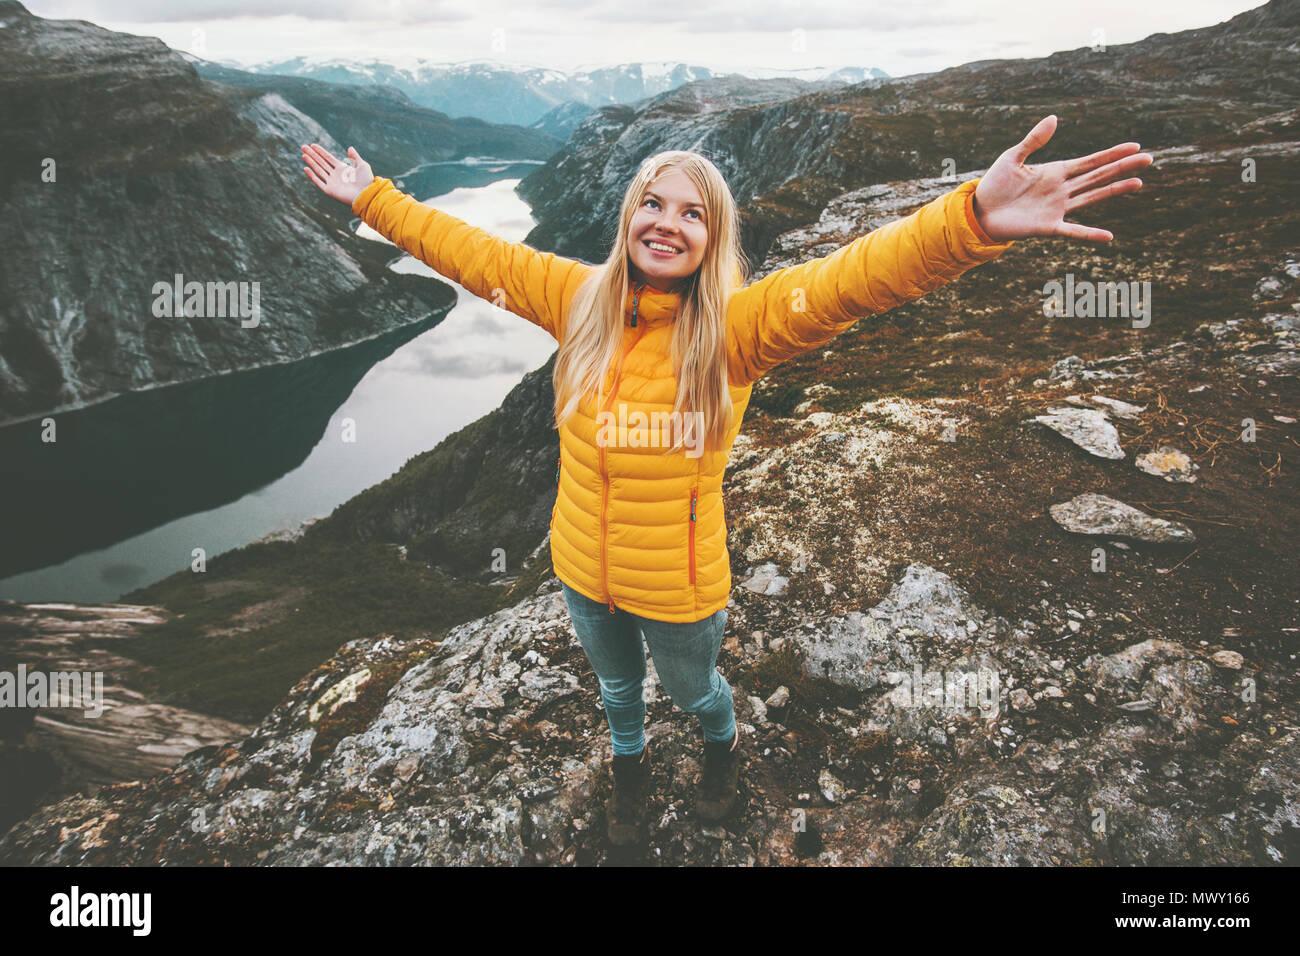 Happy girl Erfolg erhobenen Händen stehend auf Gipfel reisen Abenteuer Lifestyle Urlaub Wochenende Antenne See wandern Landschaft in Norwegisch Stockbild